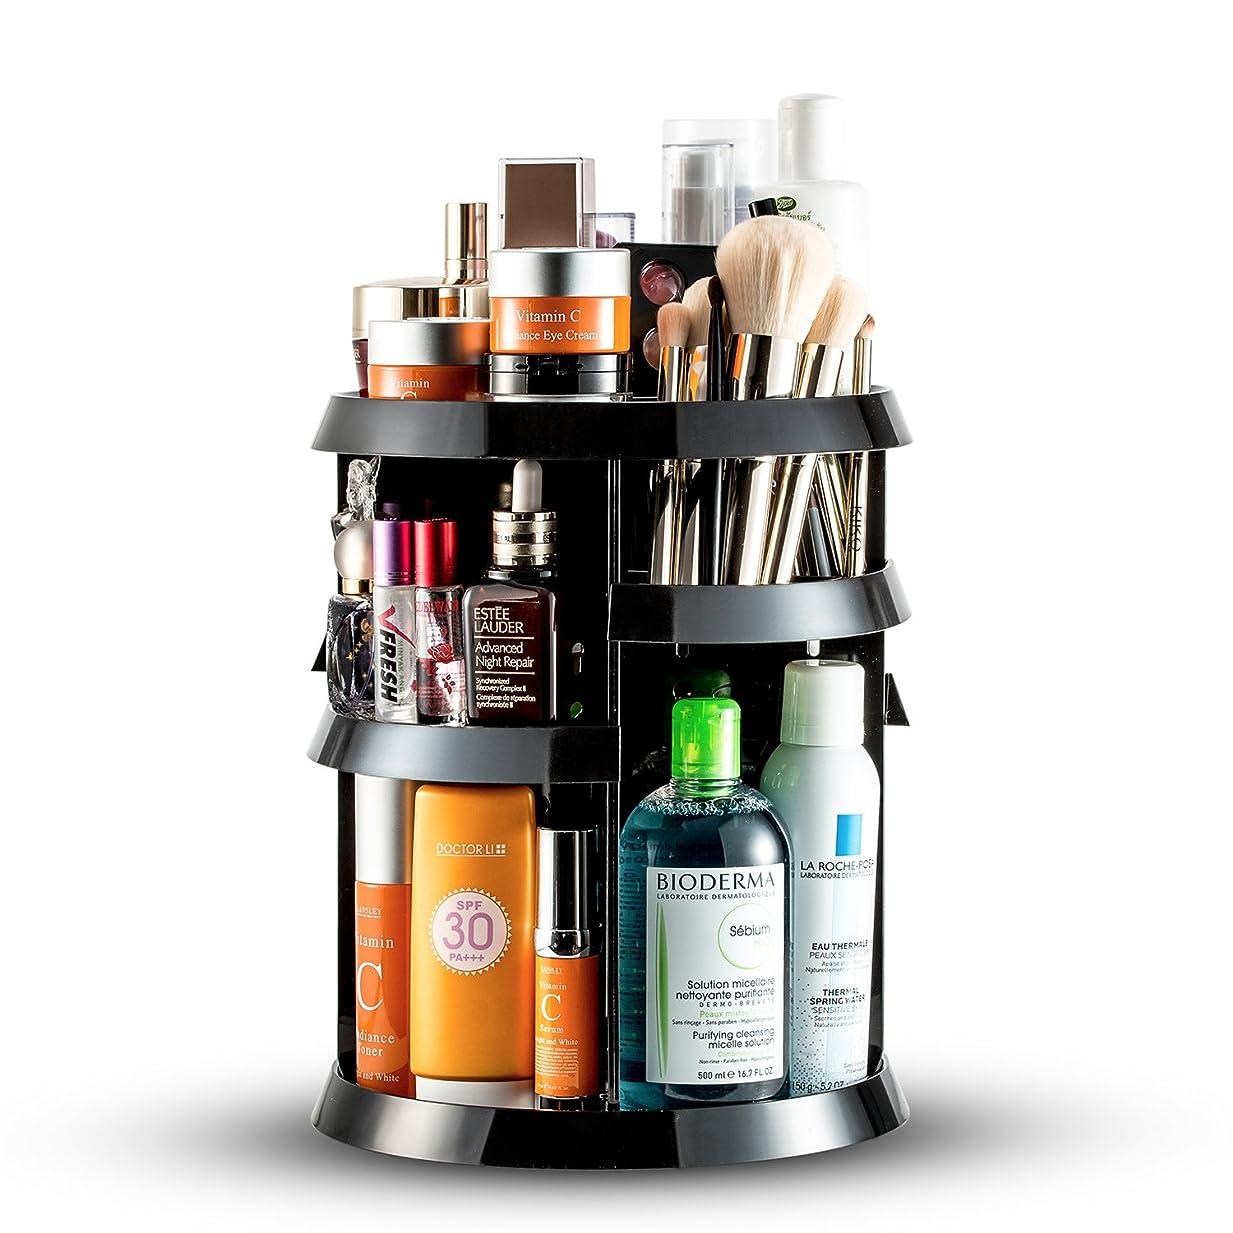 冗長傾向キャリア360度回転メイクオーガナイザー、調節可能な多機能化粧品収納ボックス、ディスプレイスタンド、7層、メイクアップ、トナー、クリーム、メイクブラシ、リップスティックなど(ブラック)